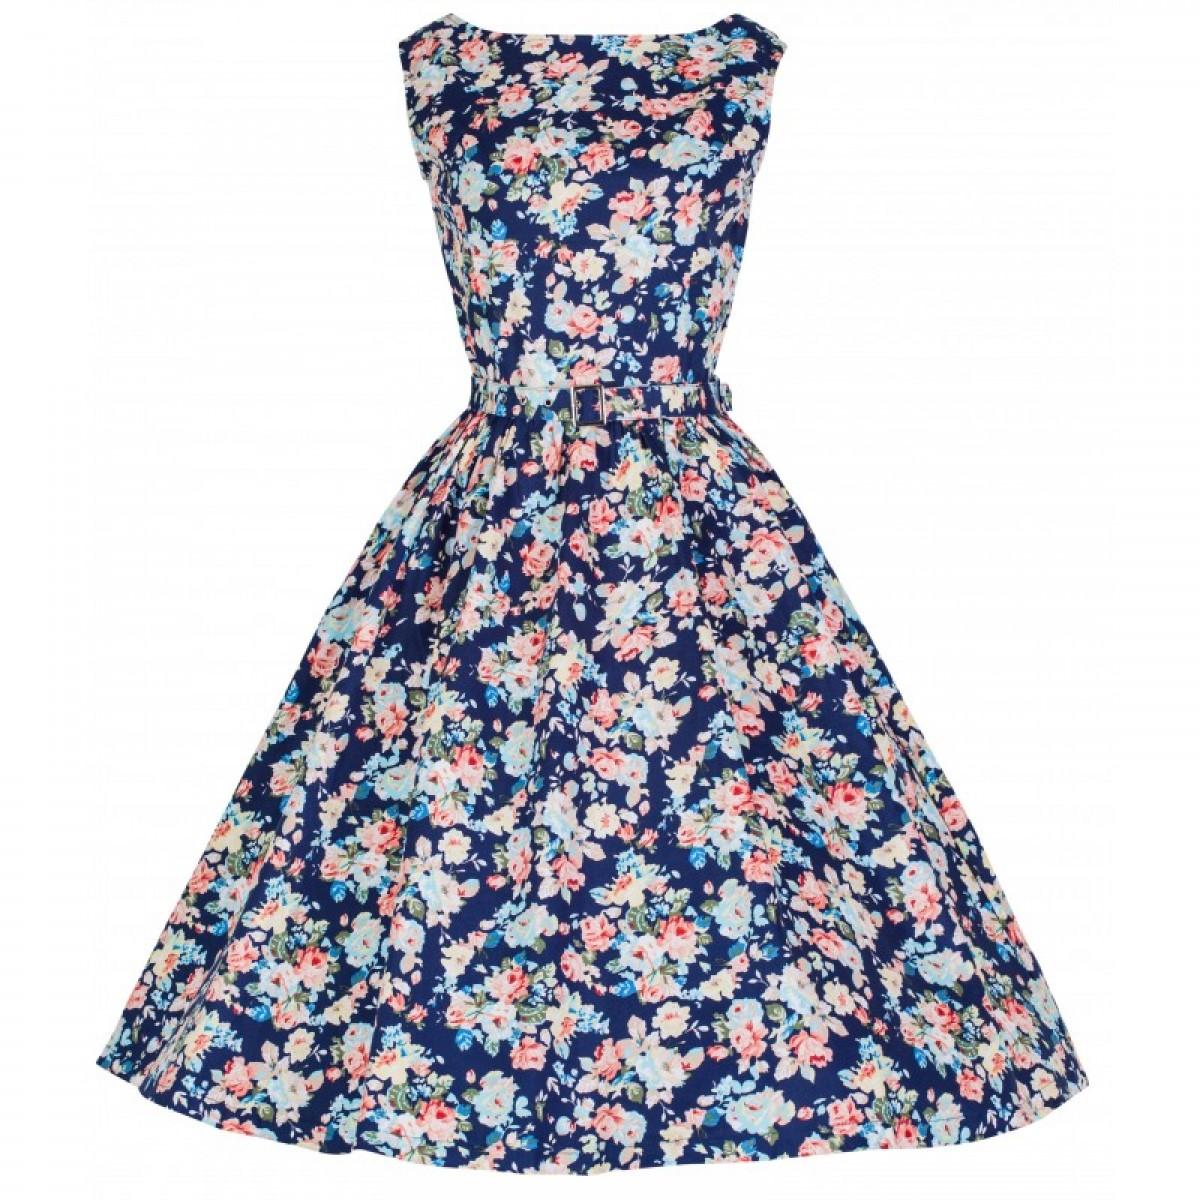 Šaty Lindy Bop vintage tmavě modré s růžemi 00e7d947de